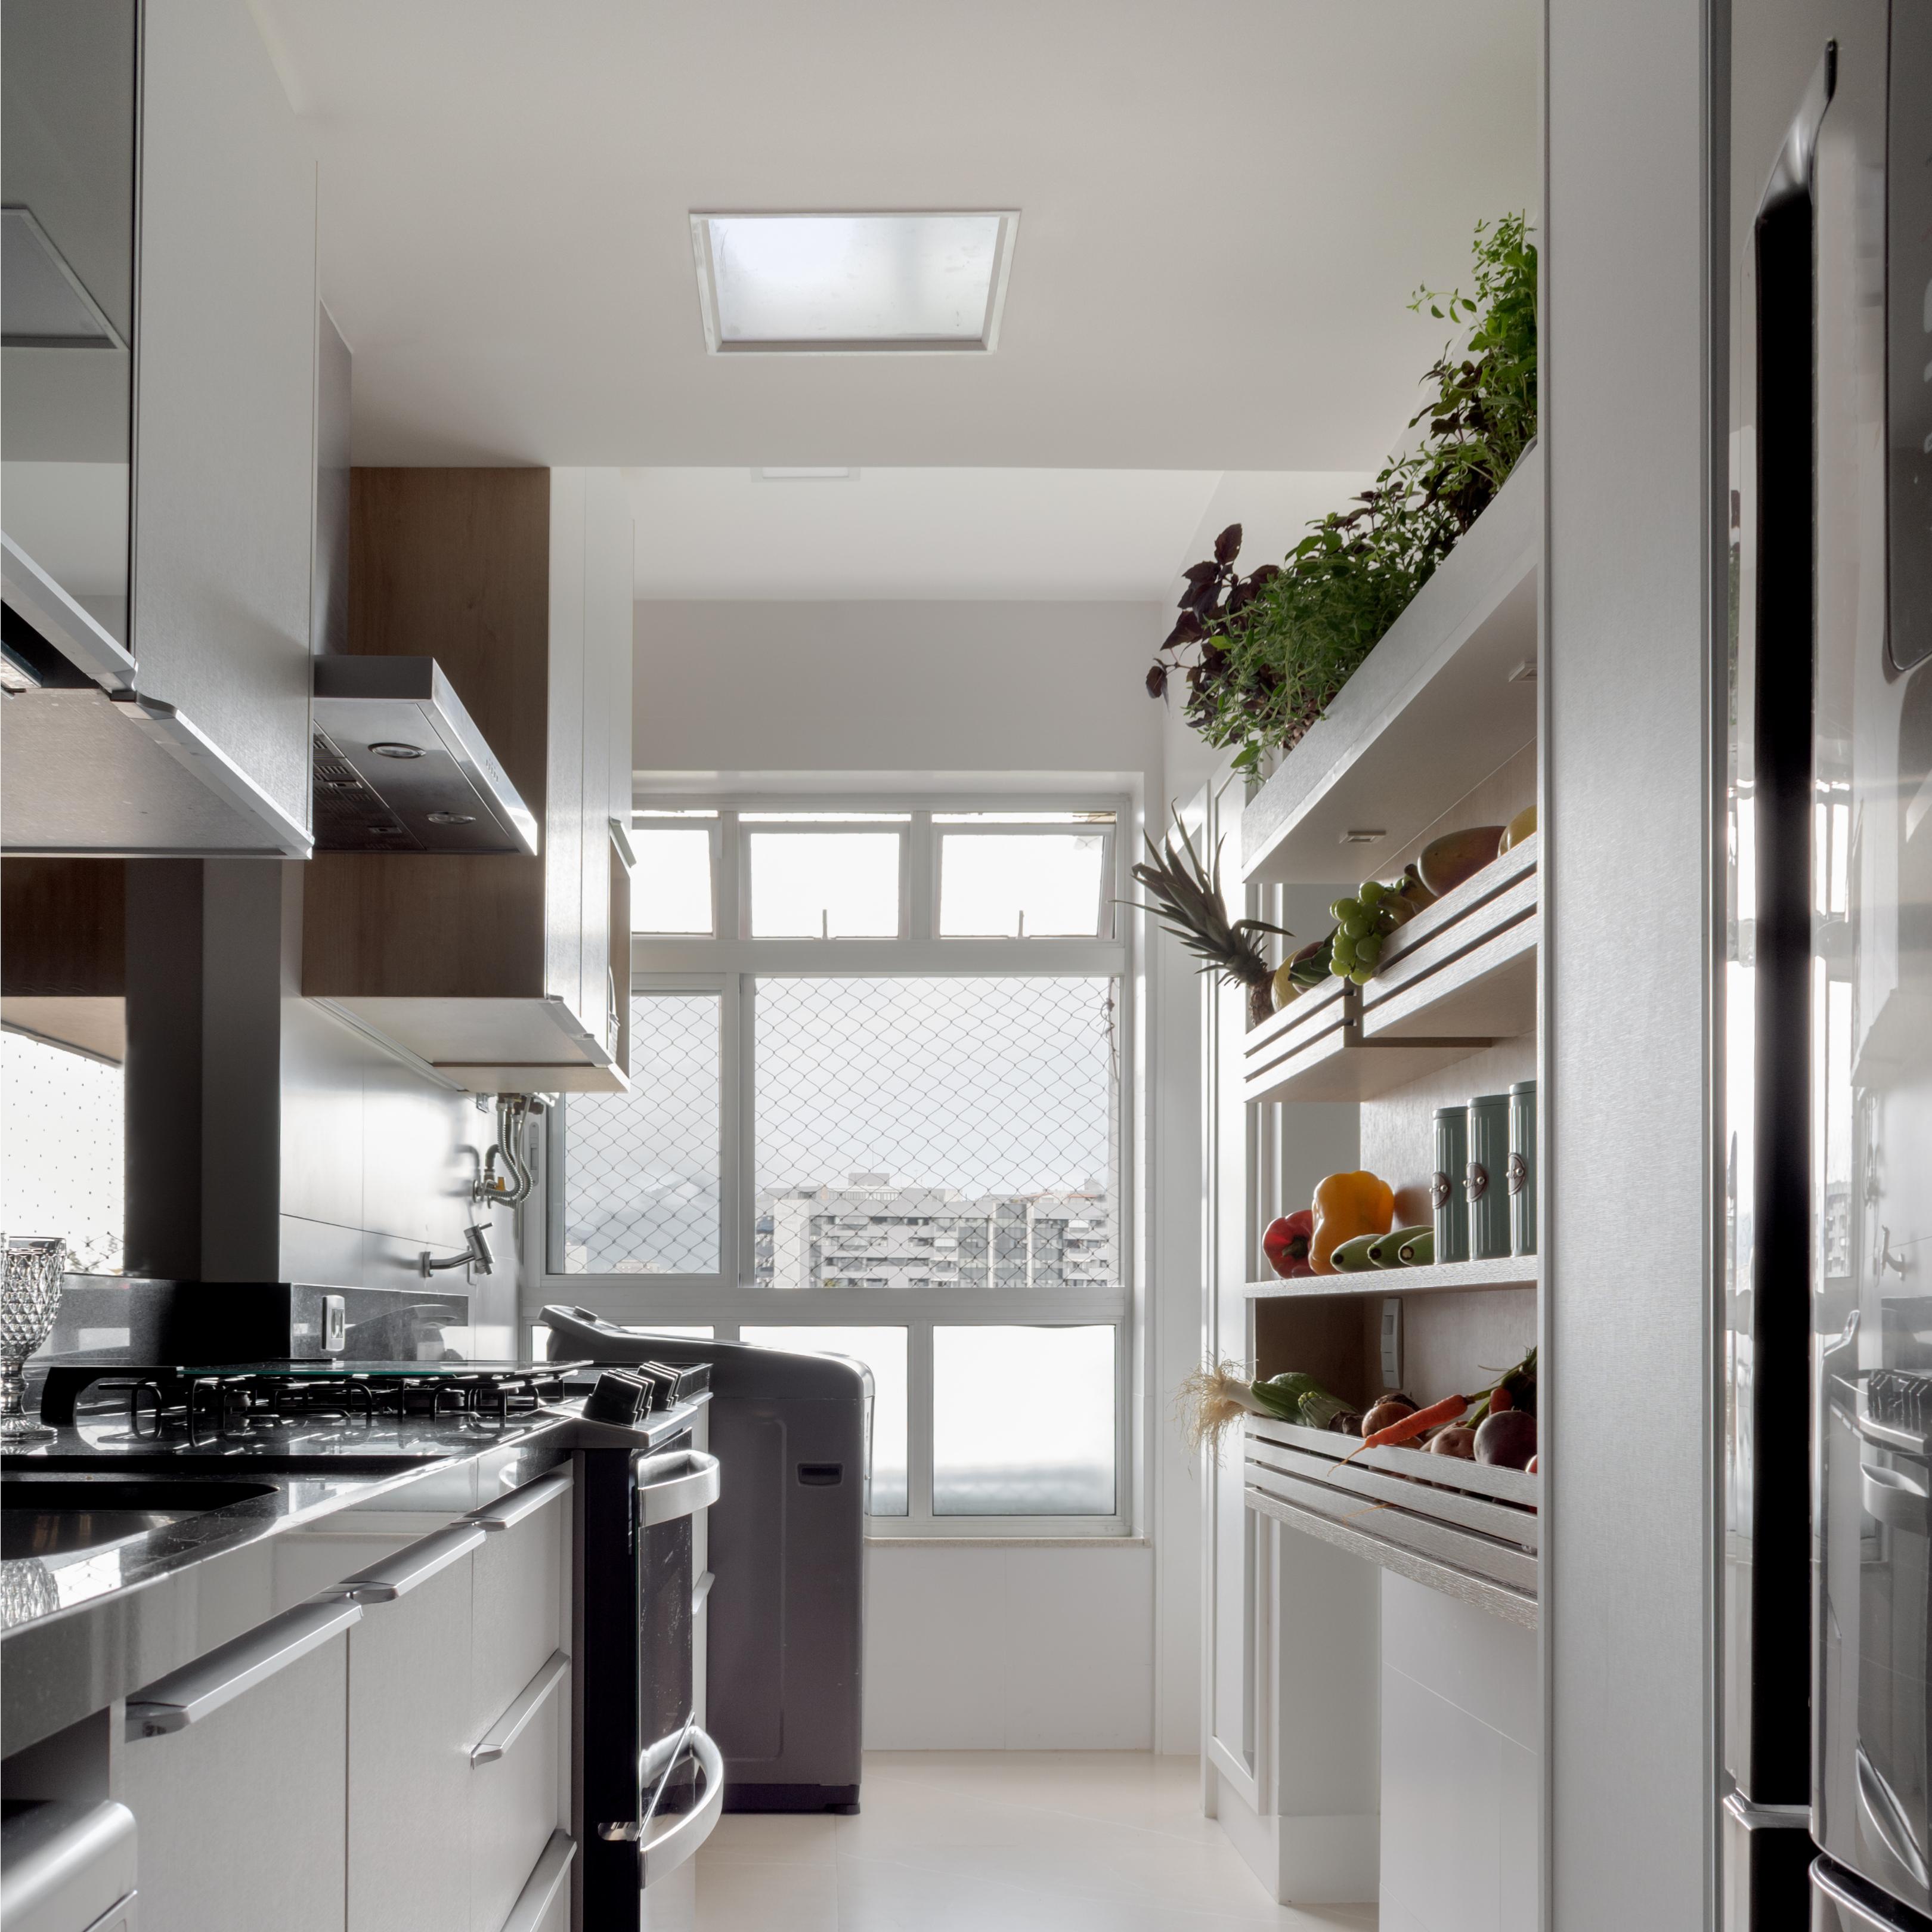 cozinha-apartamento-detalhes